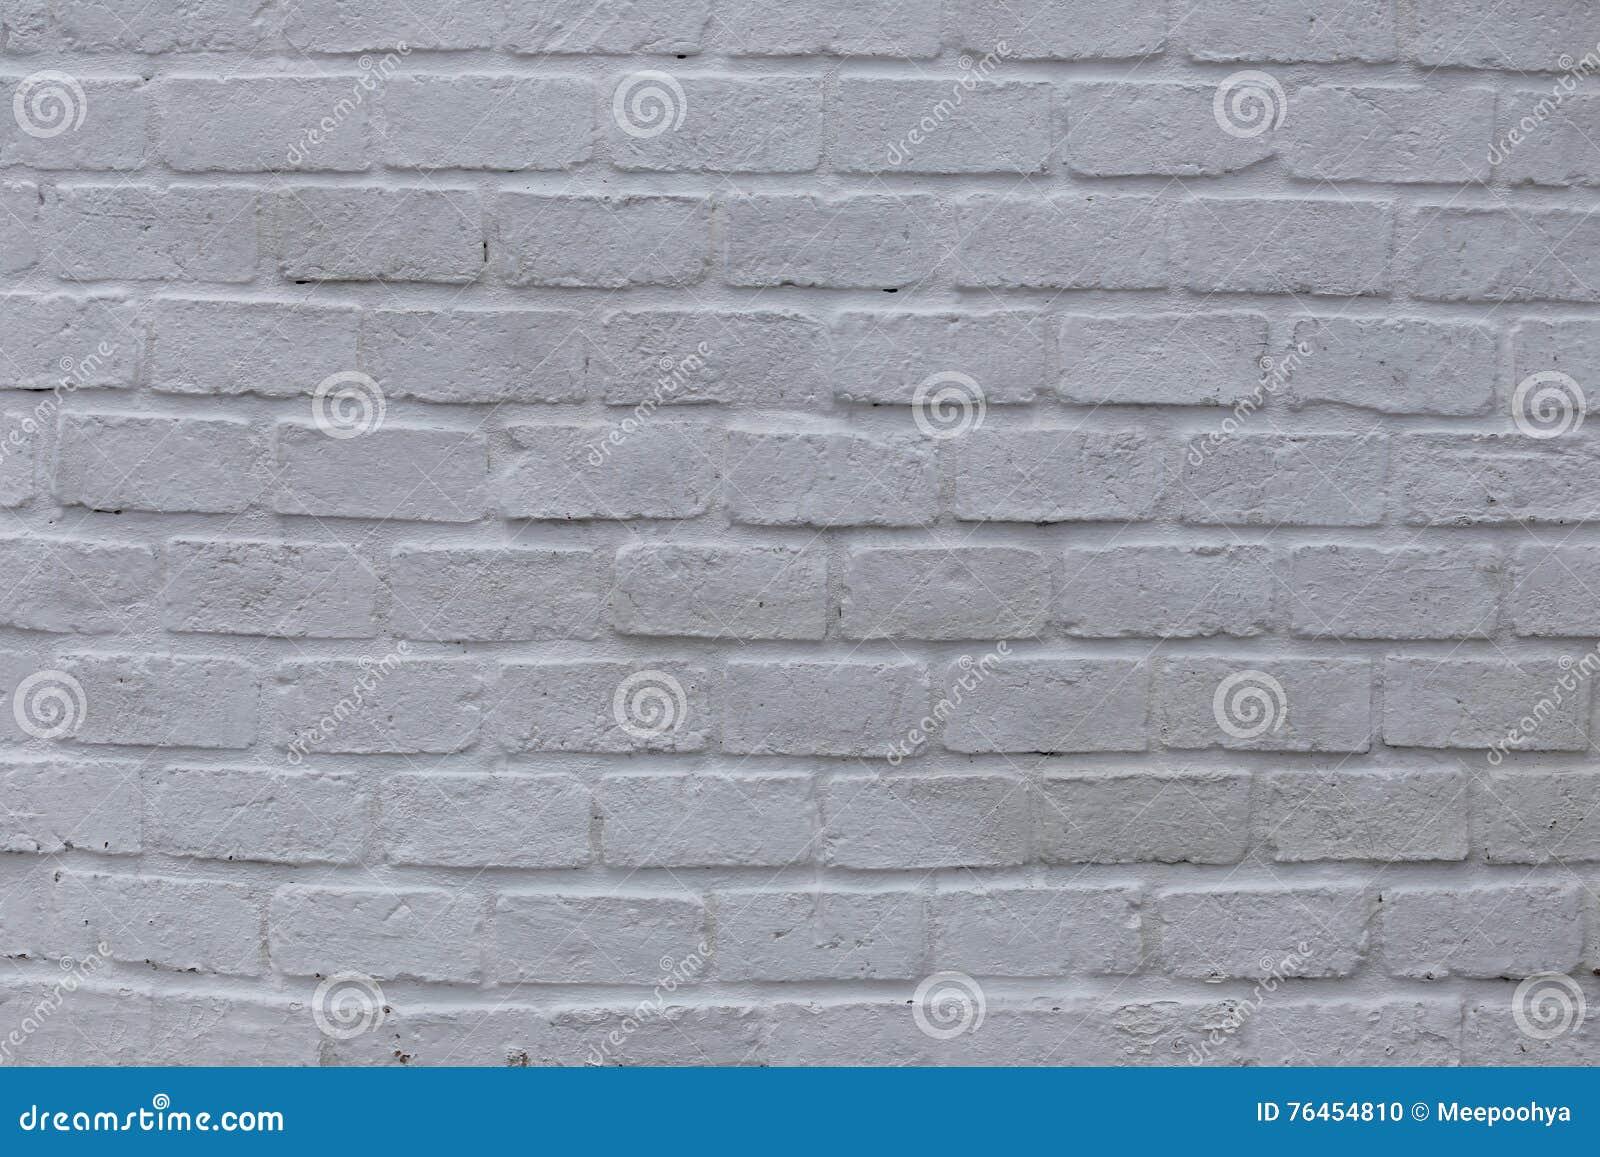 Weiße Steinwand weiße steinwand für hintergrunddesign stockfoto - bild von dekorativ